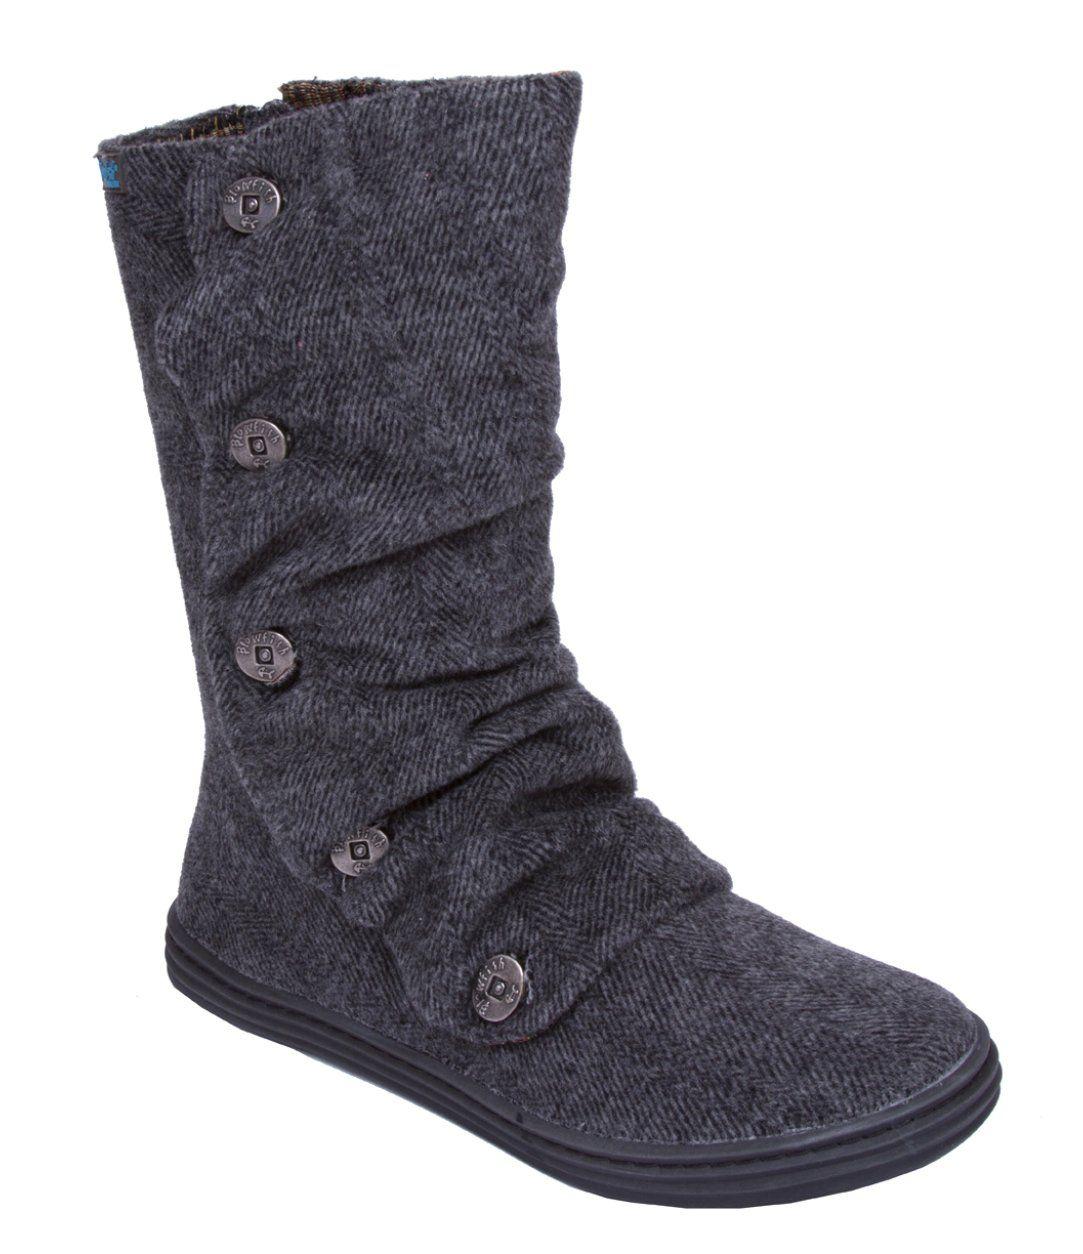 Grey Herringbone RAMMISH style boot from Blowfish ~ Size 8.5